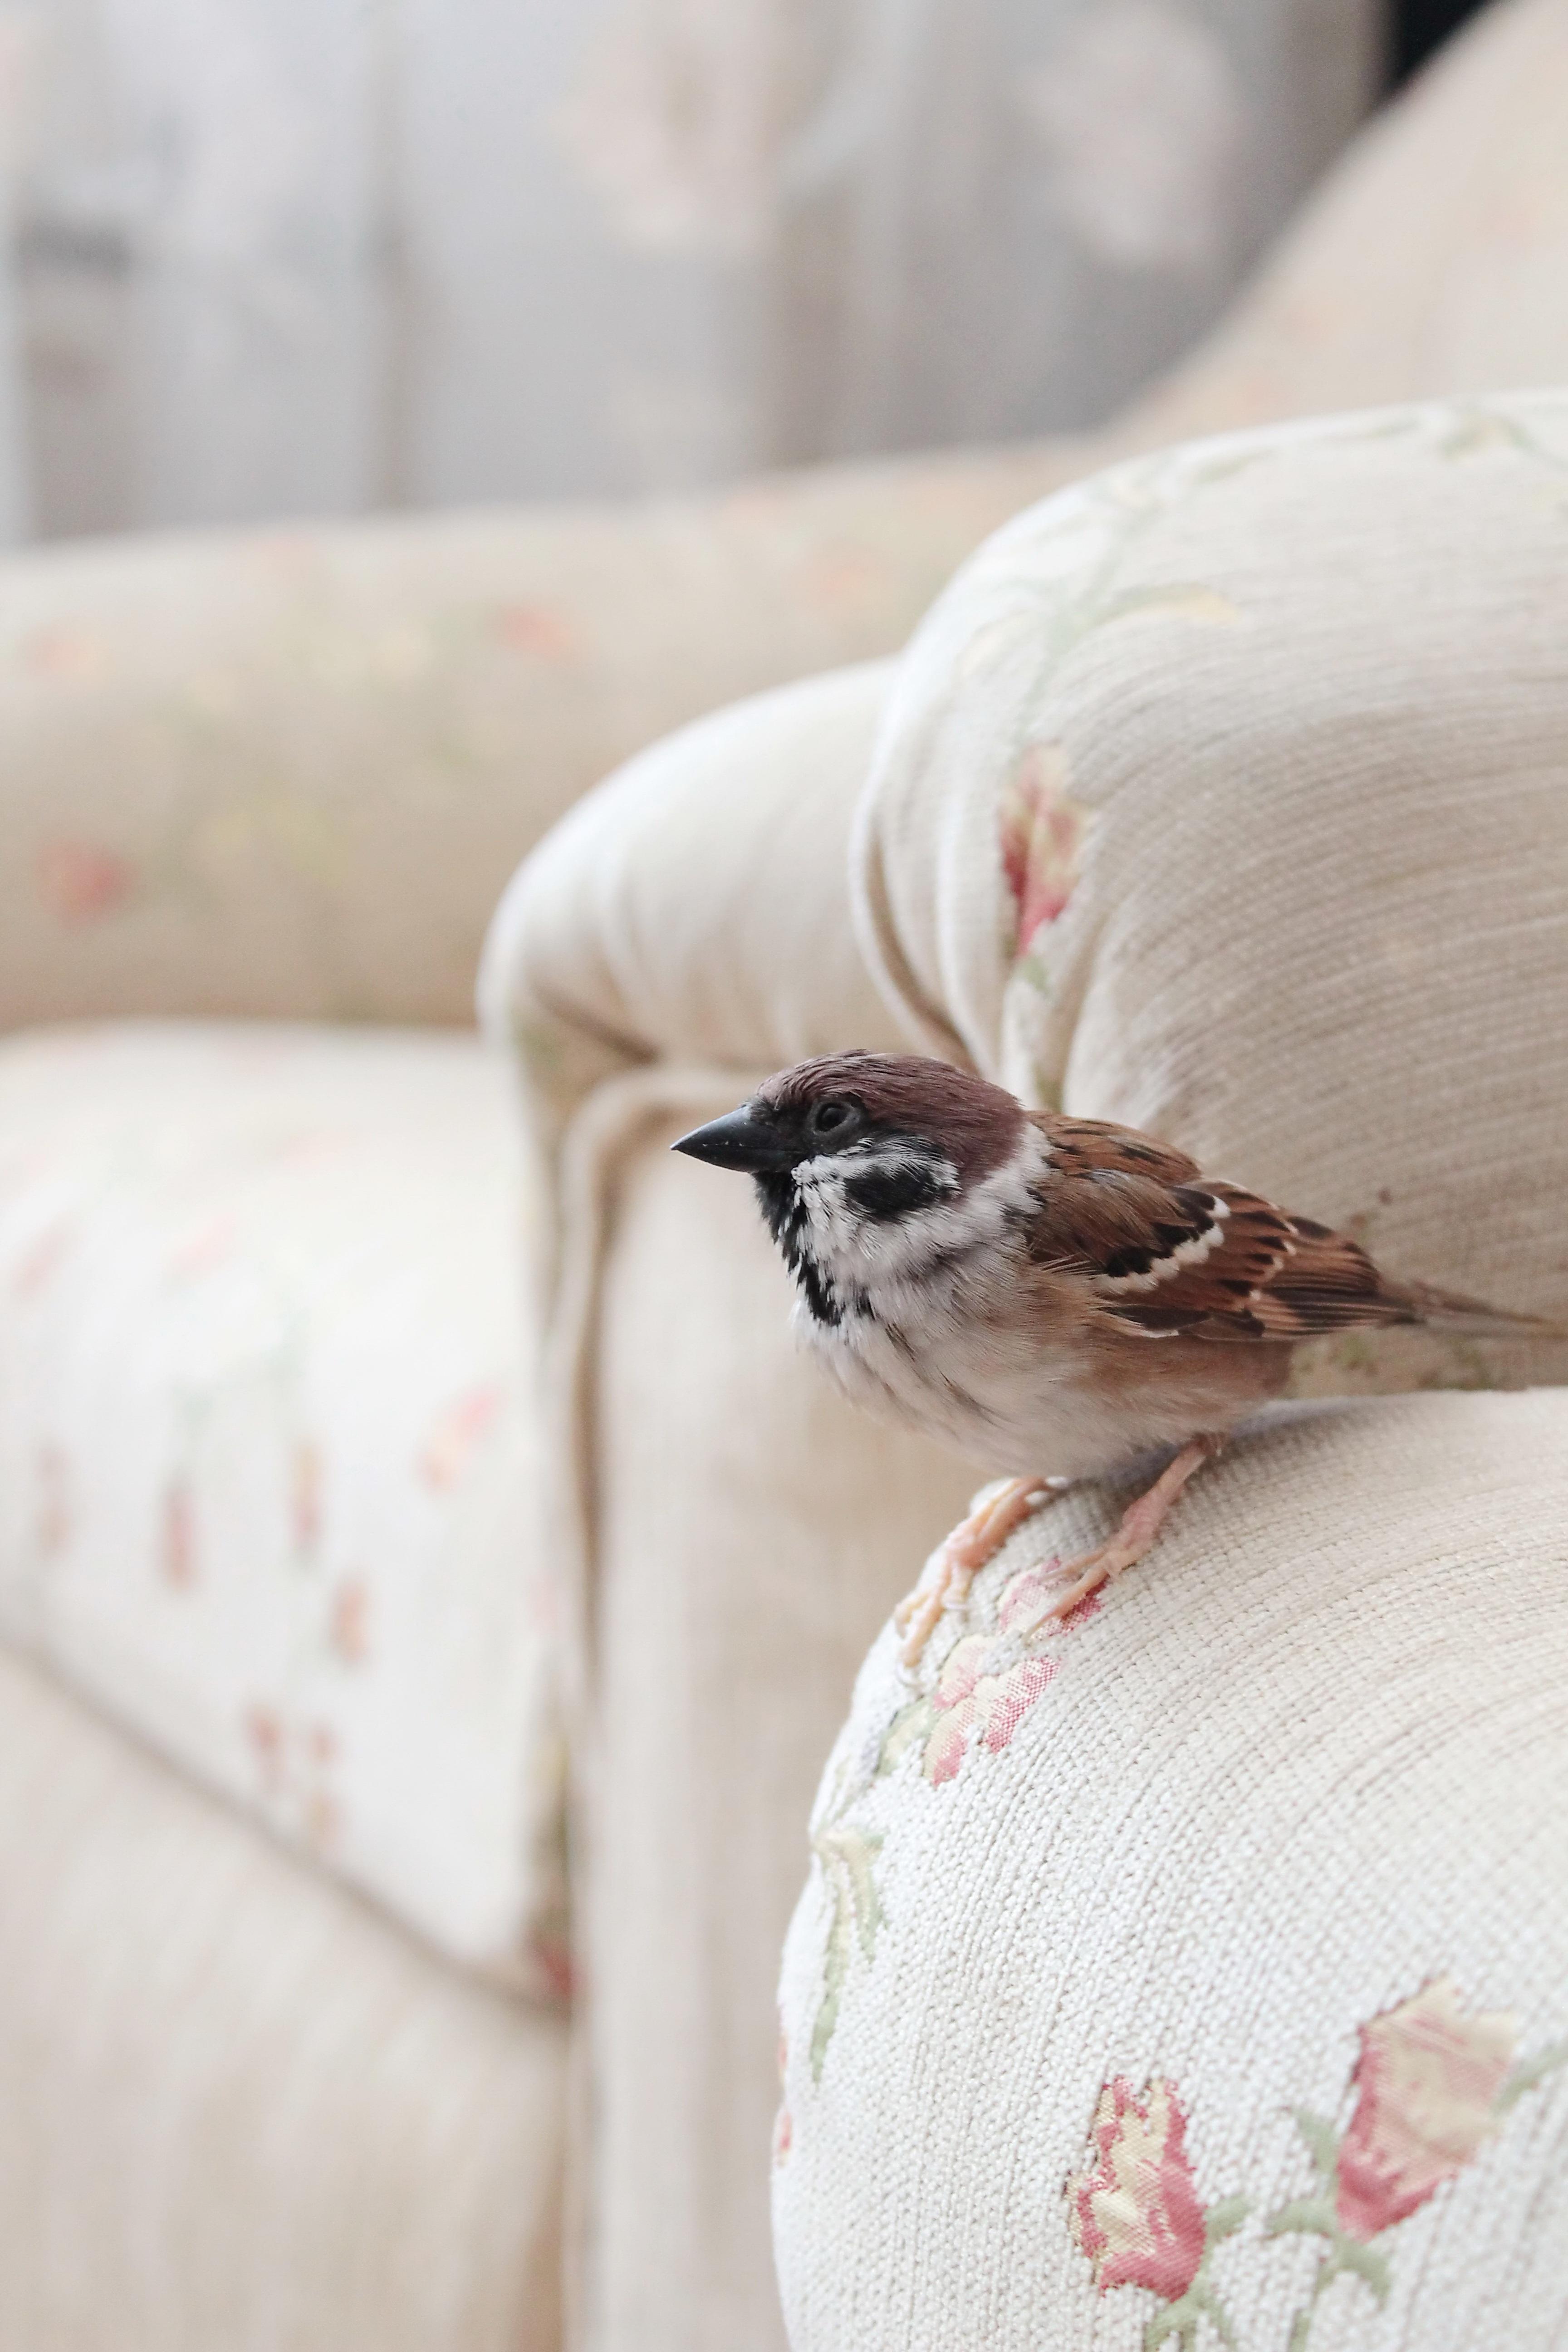 Gambar Putih Bunga Rumah Musim Semi Daging Unggas Burung Burung Kulit Burung Gereja Panduan Burung Pipit Bertengger Burung 3456x5184 709214 Galeri Foto Pxhere